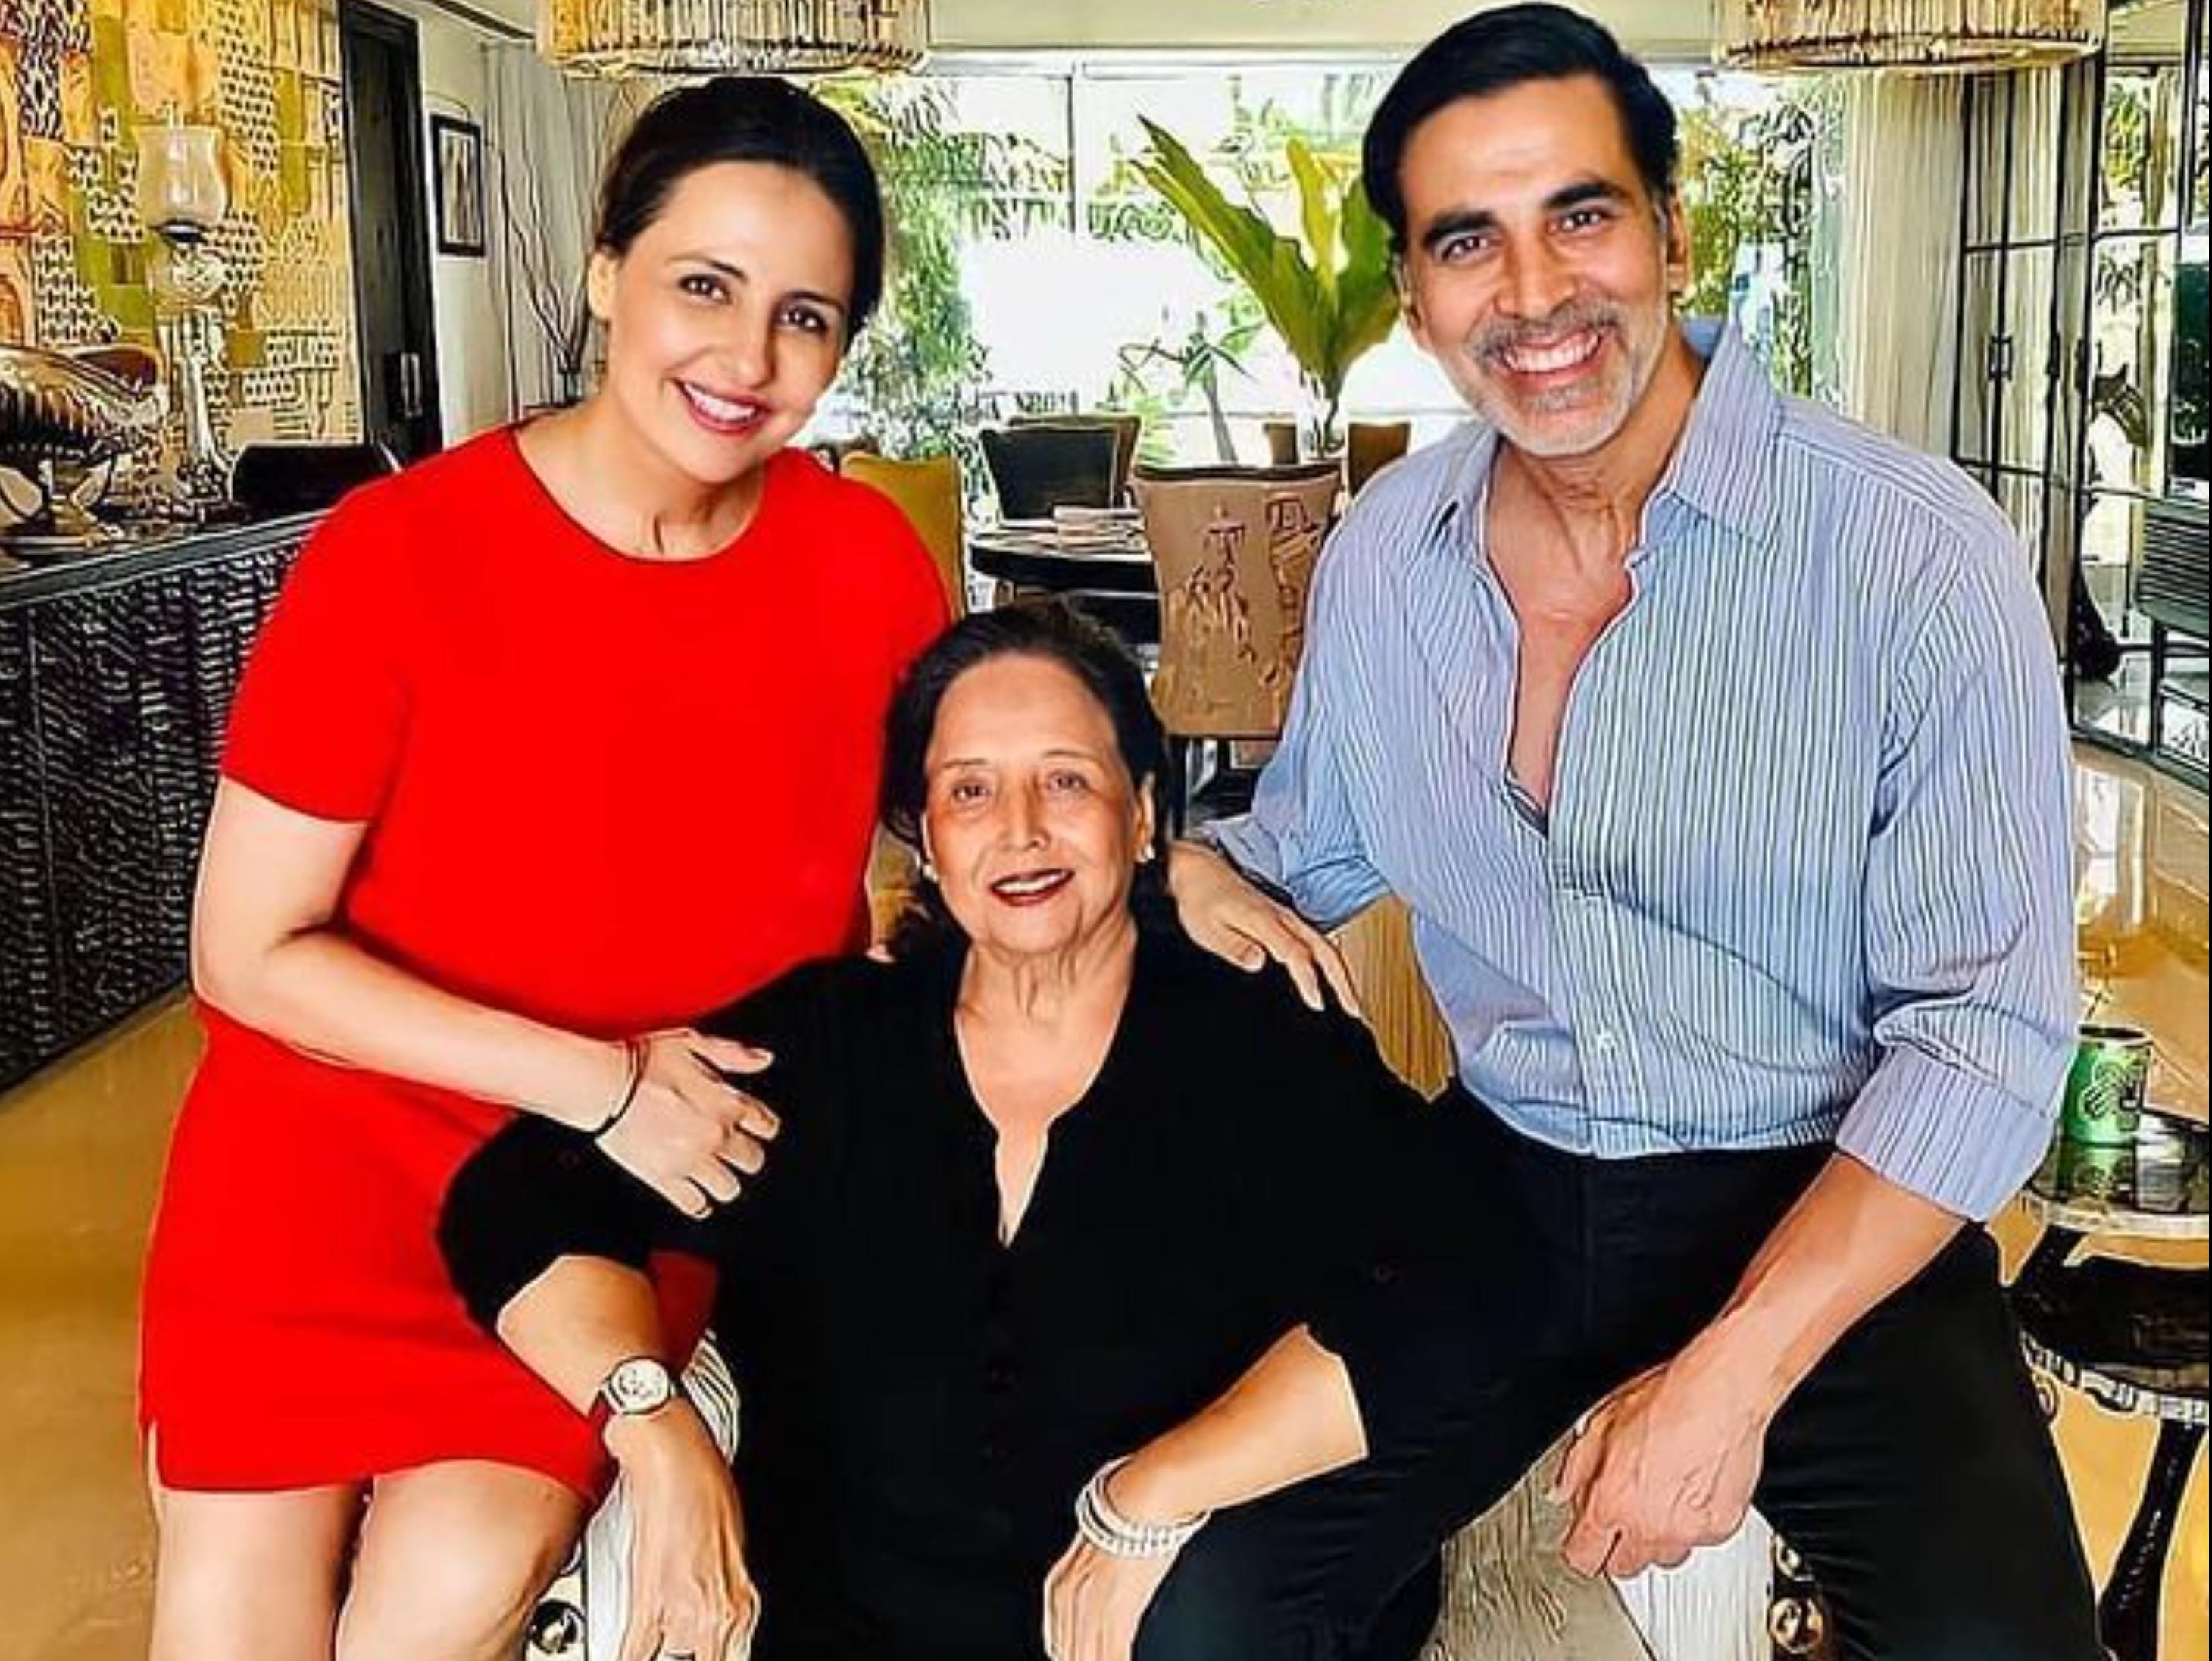 अक्षय कुमार की मां अरुणा क्रिटिकल नहीं; 3 दिन पहले किया गया था एडमिट, सिंड्रेला की शूटिंग छोड़ मुंबई लौटे एक्टर|बॉलीवुड,Bollywood - Dainik Bhaskar